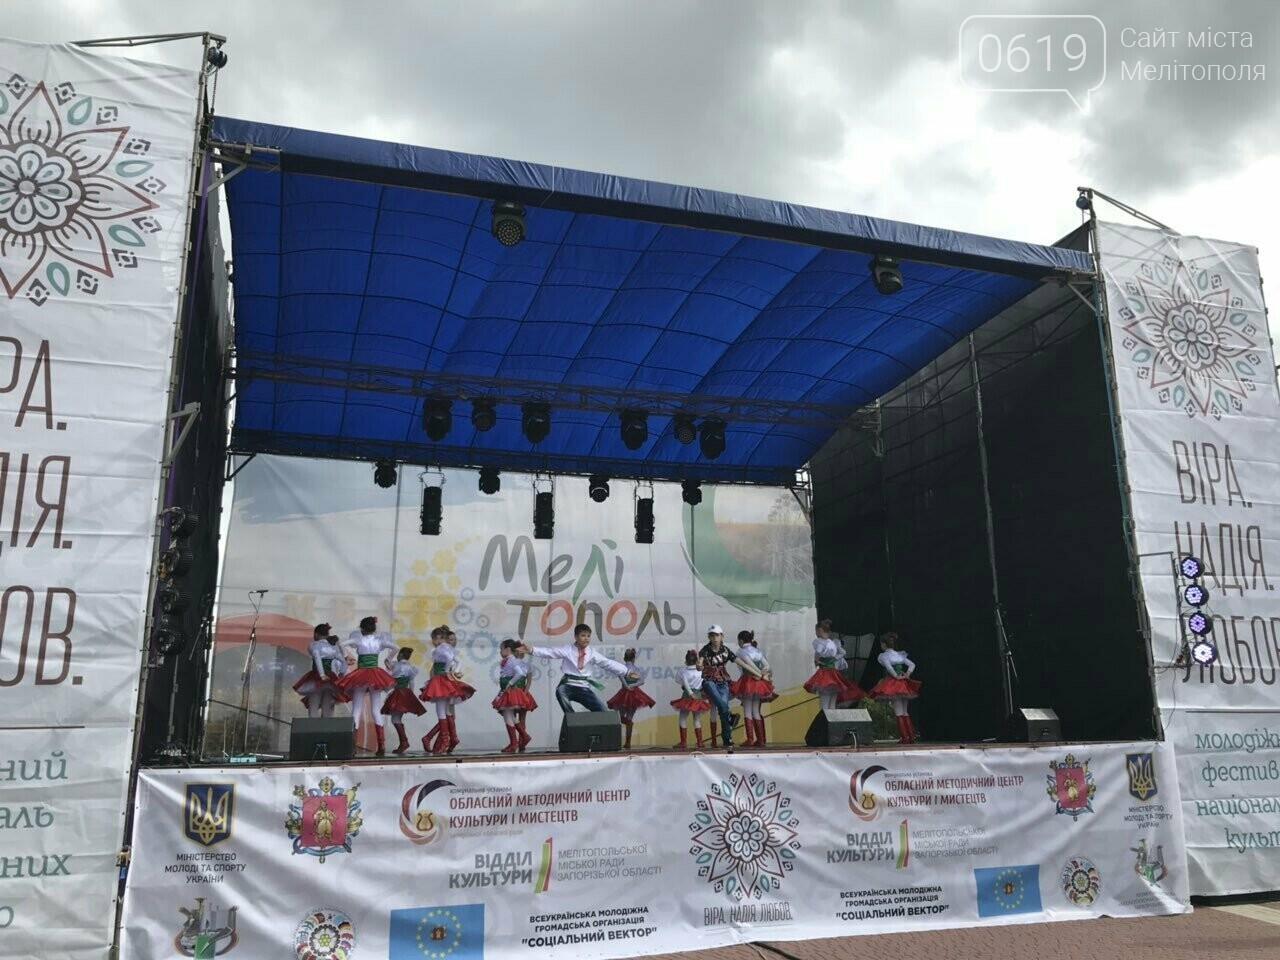 Вкусные блюда, яркие костюмы, выставки-ярмарки: в Мелитополе проходит фестиваль национальных культур, фото-3